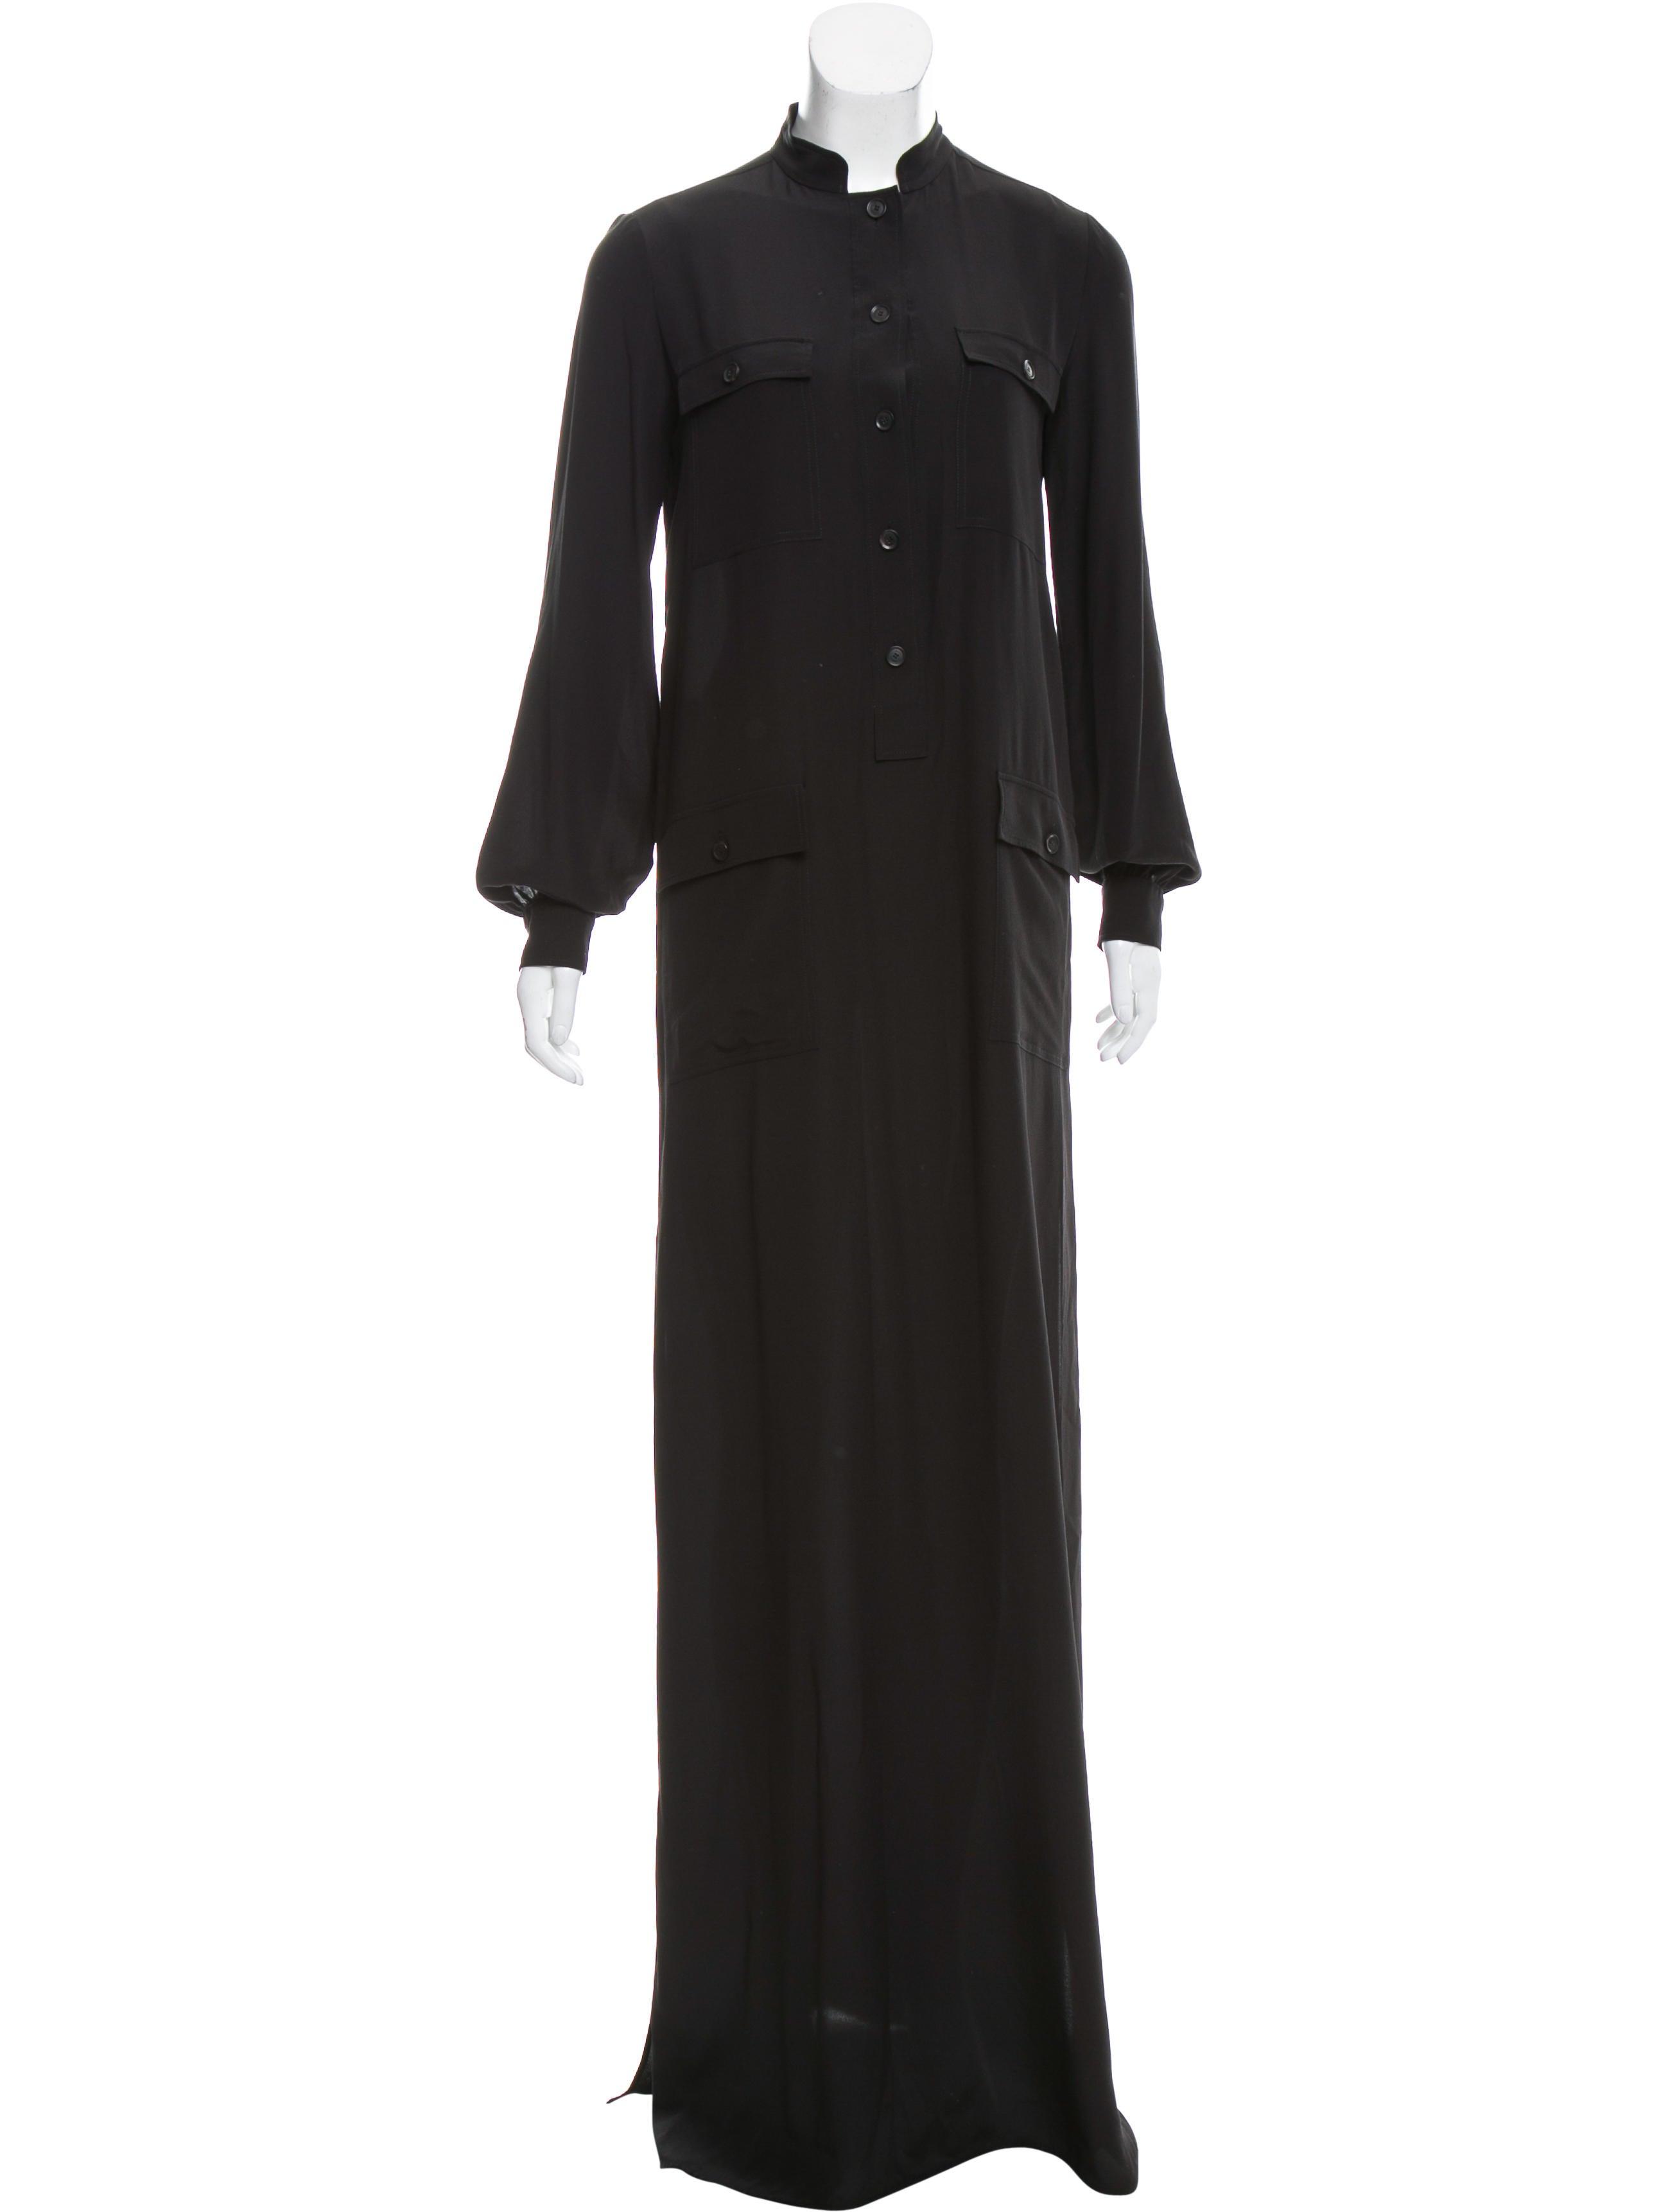 Gucci Maxi Silk Shirtdress Clothing Guc156427 The Realreal